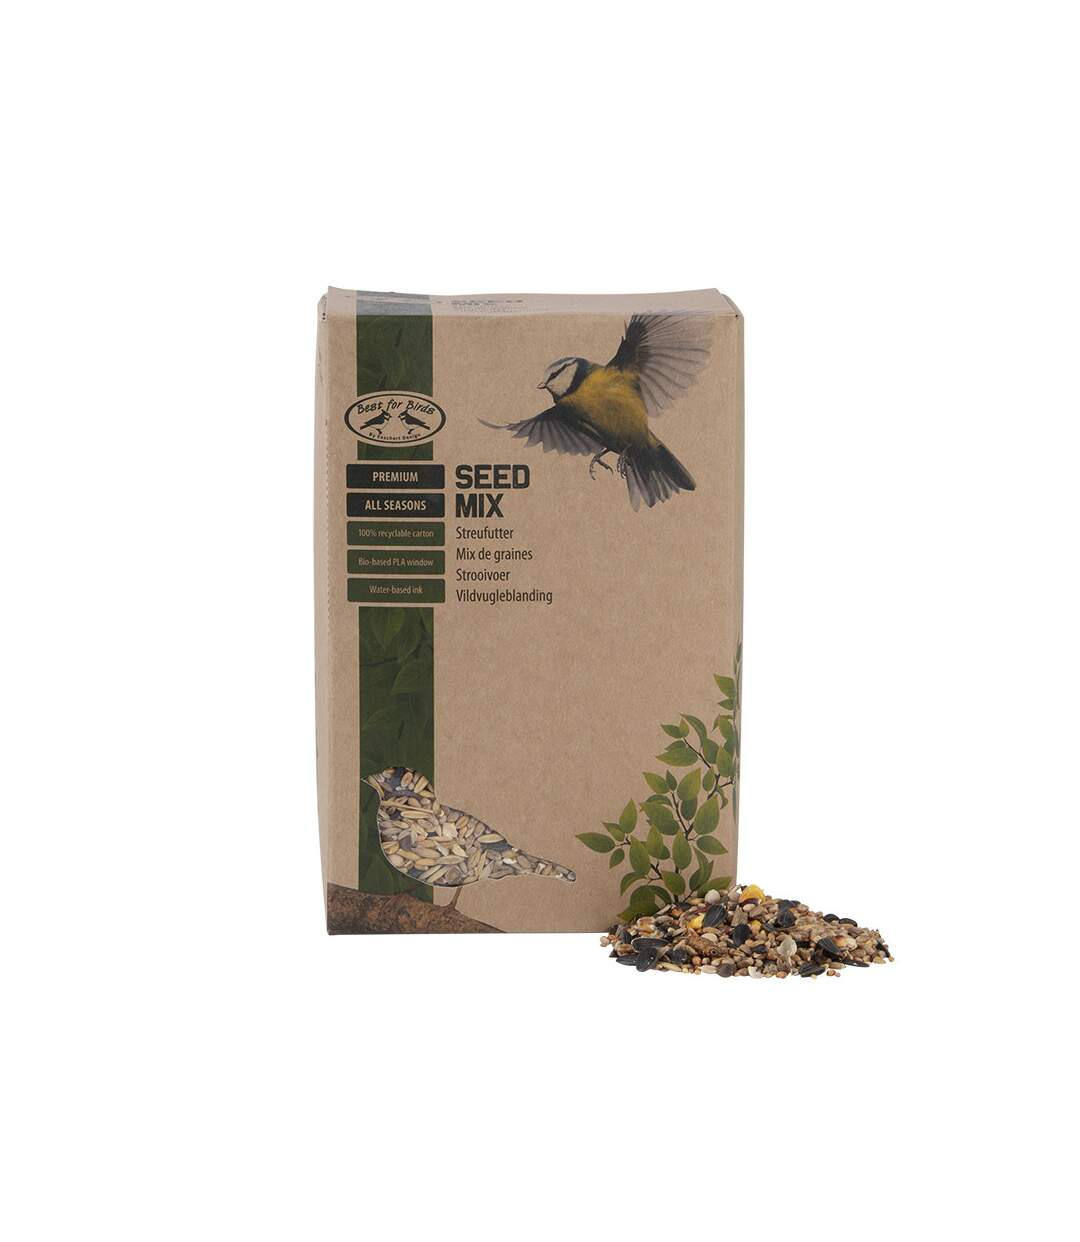 Mix de graines 4 saisons 2,5kg pour oiseaux